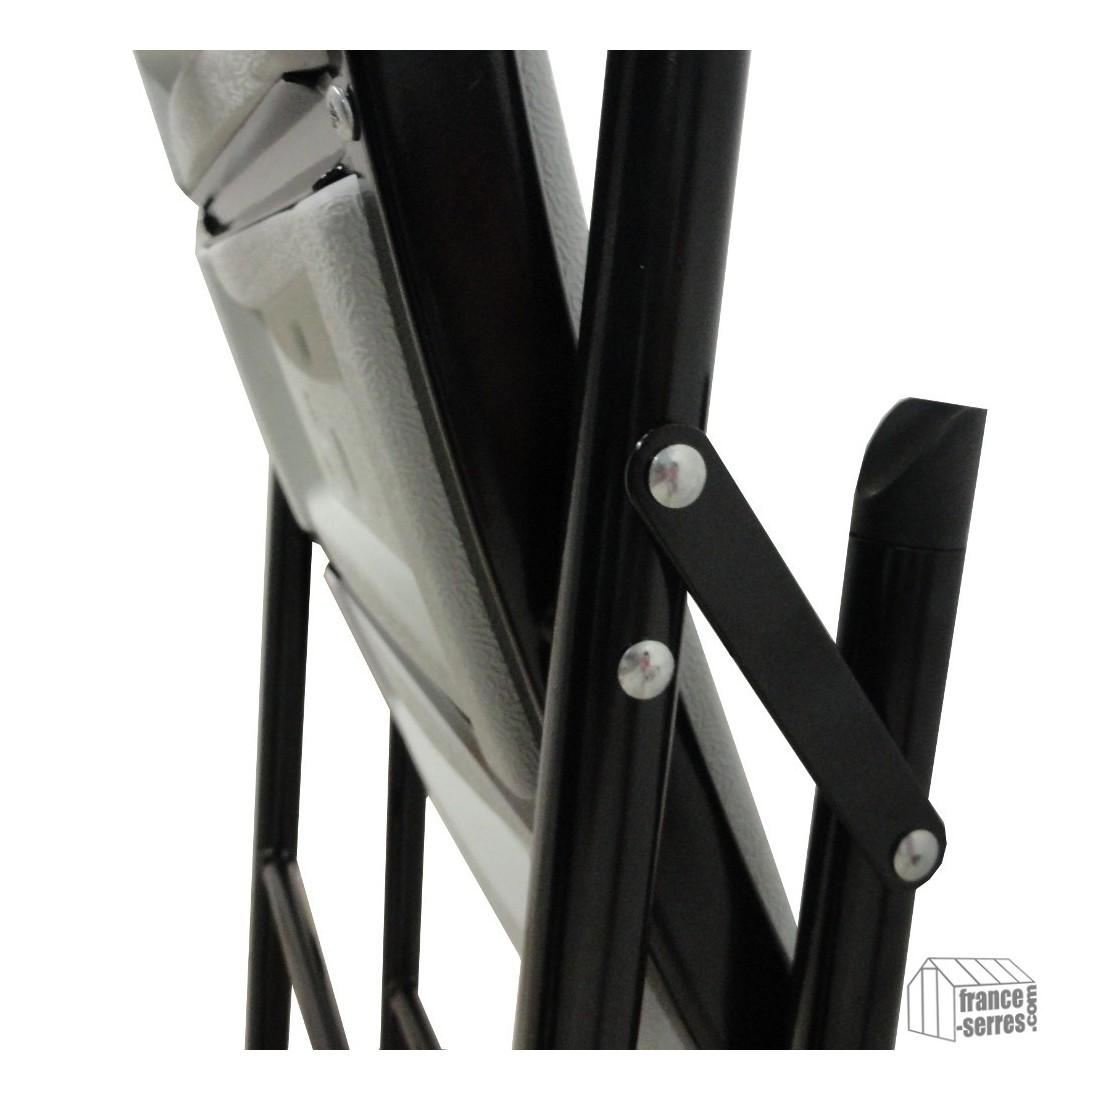 lot de 2 chaises tabourets pliants pour mange debout poly thyl ne. Black Bedroom Furniture Sets. Home Design Ideas